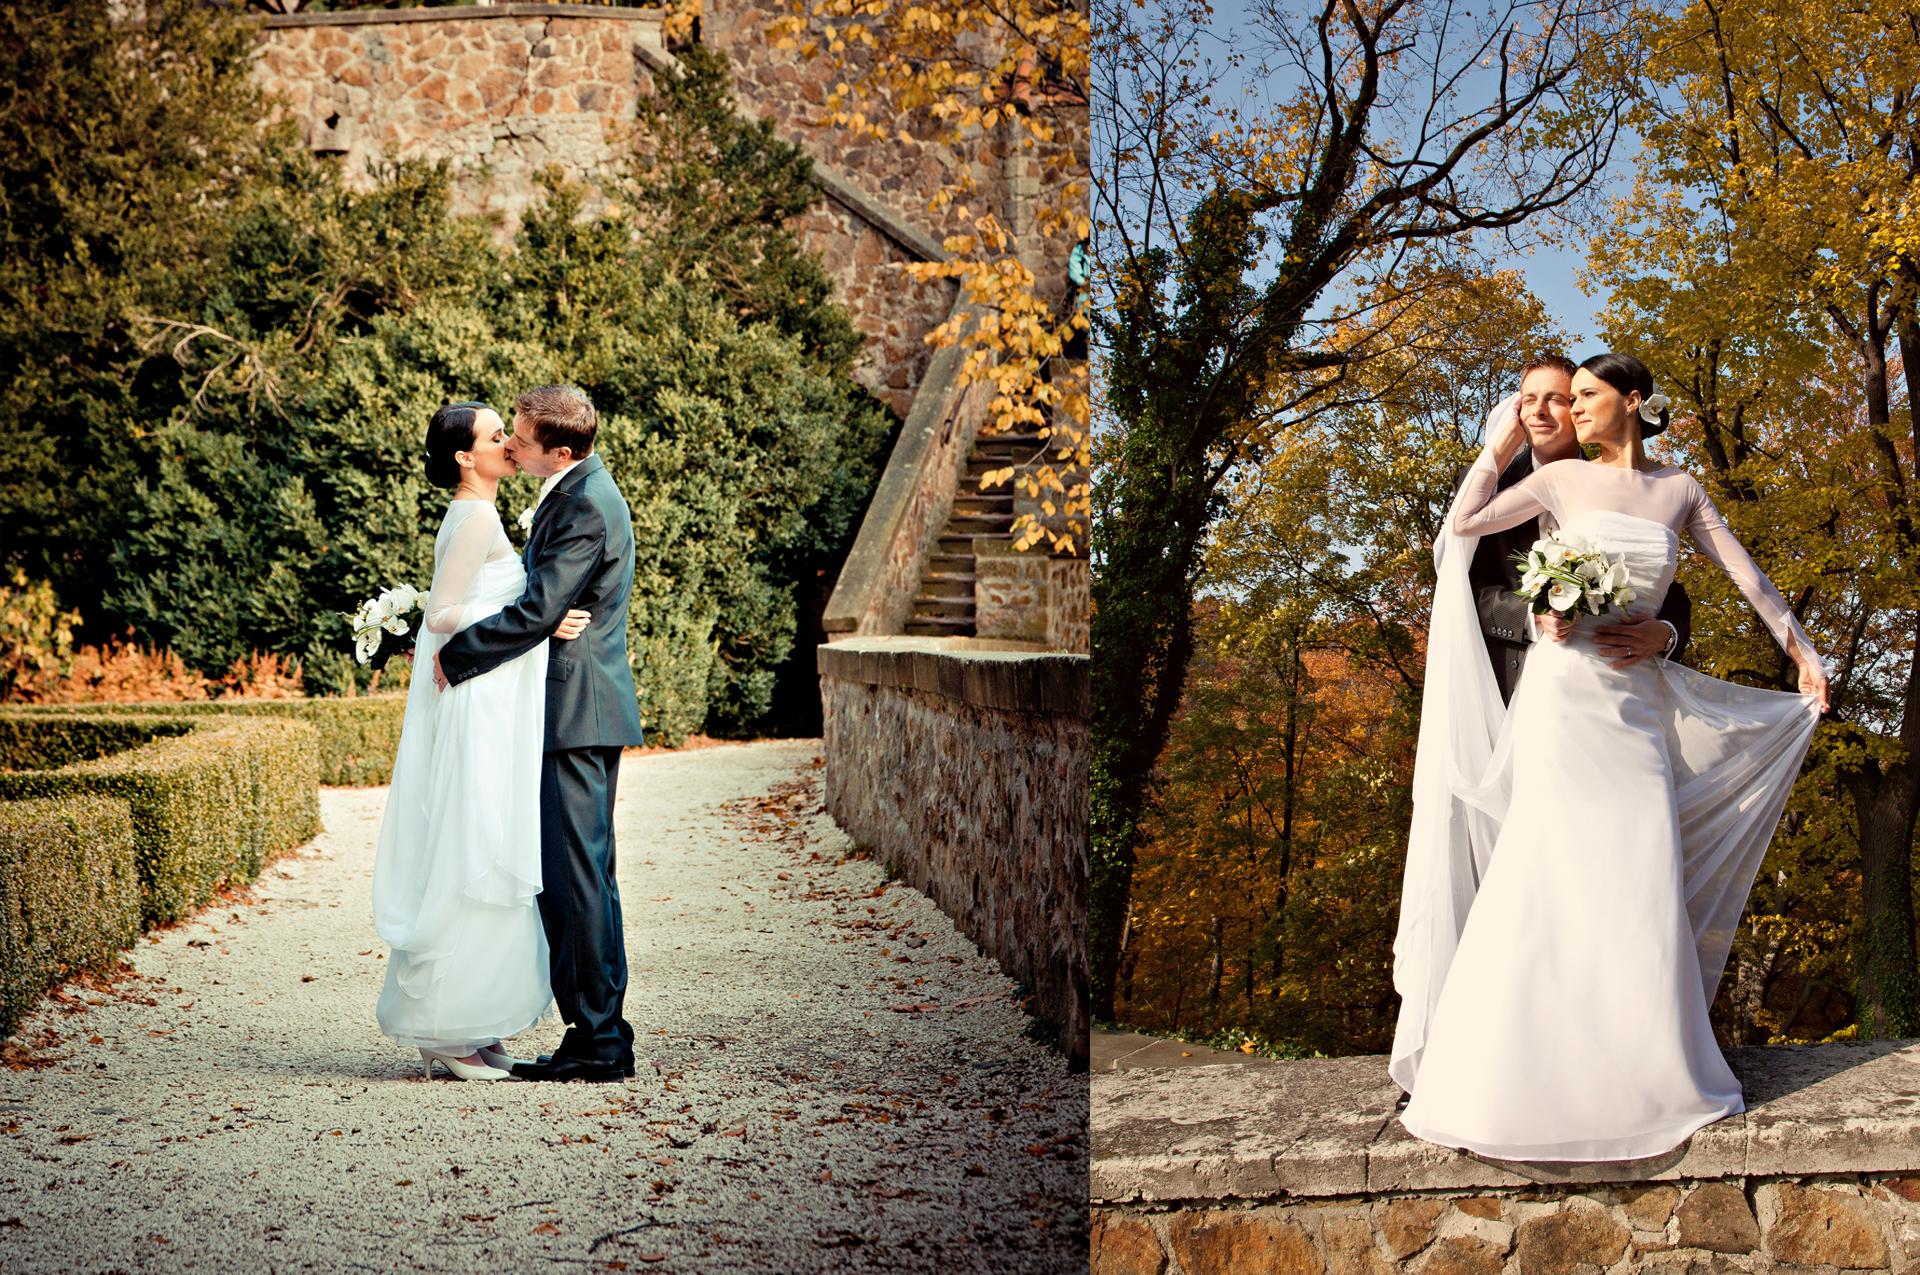 fotograf wałbrzych 8 Plener Oli & Olafa w Zamek Książ